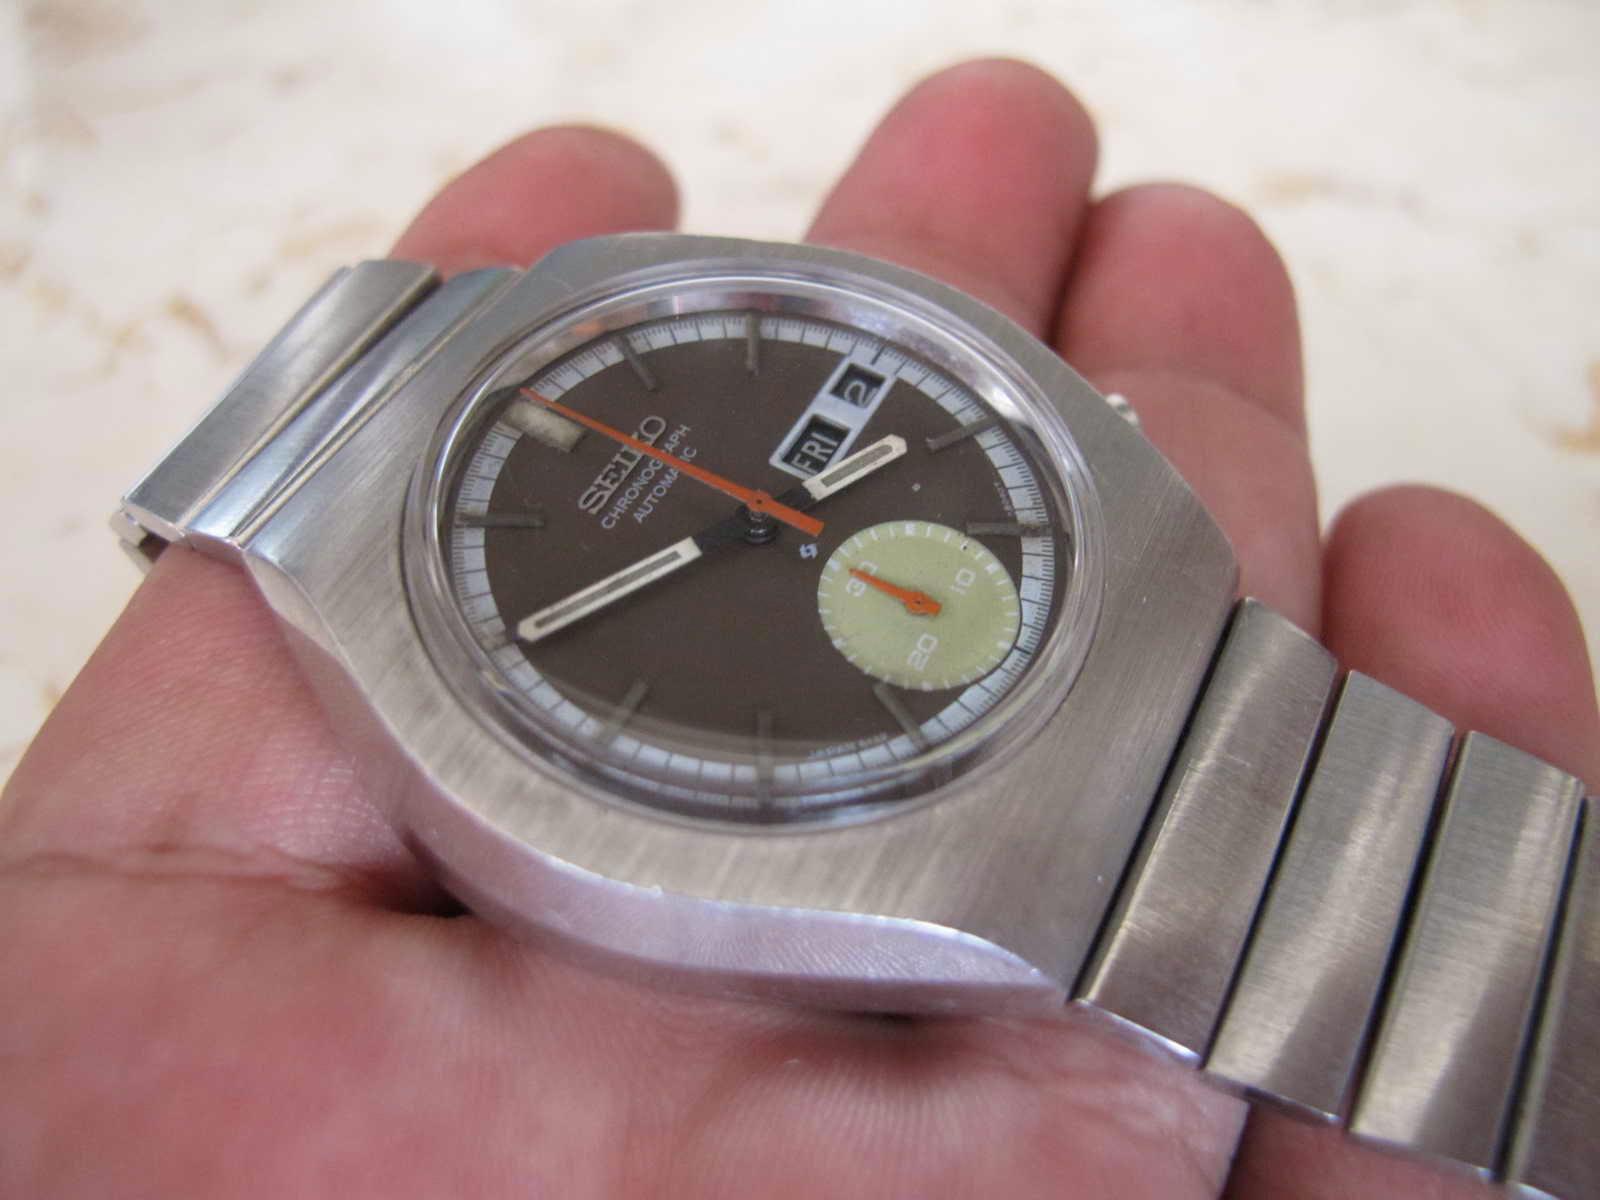 Cocok untuk Anda yang sedang mencari jam tangan Chronograph Japan made...  vintage.. dengan bentuk case unik... Retro. a2cd216231